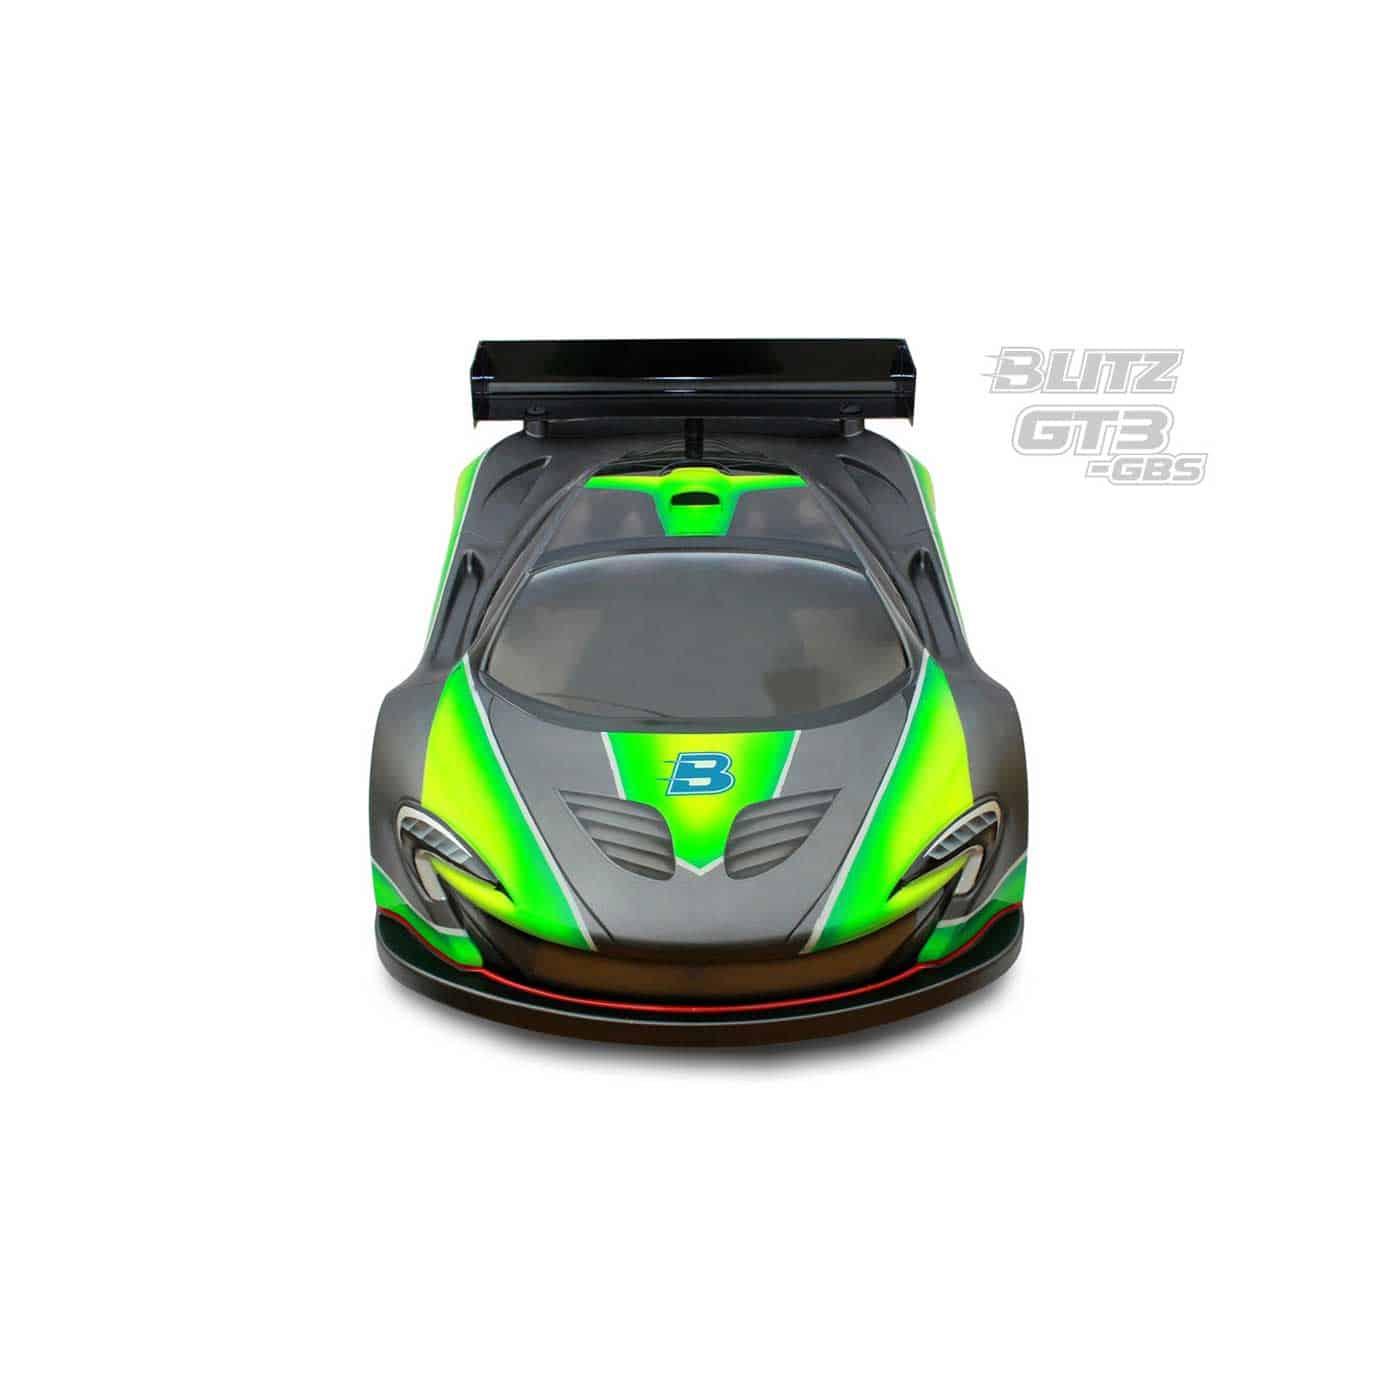 Carrocería Blitz GT3